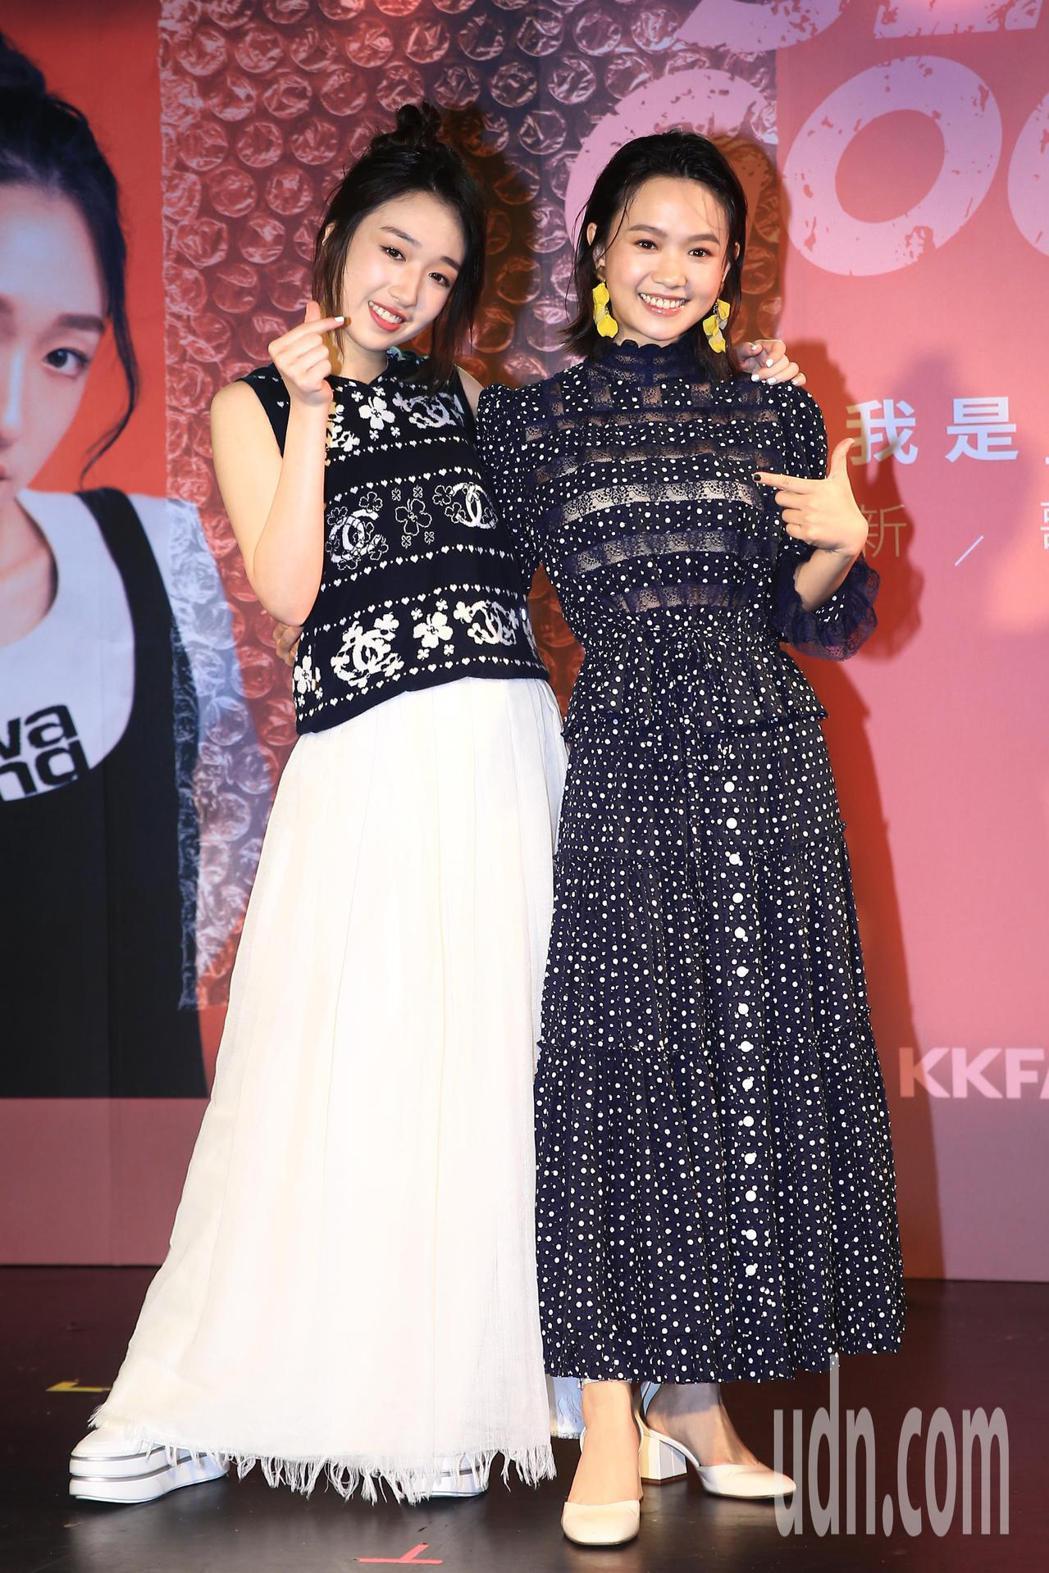 李翊君與檢場的女兒王敏淳(左)下午舉辦「我是王敏淳ChanelWang新歌發表會